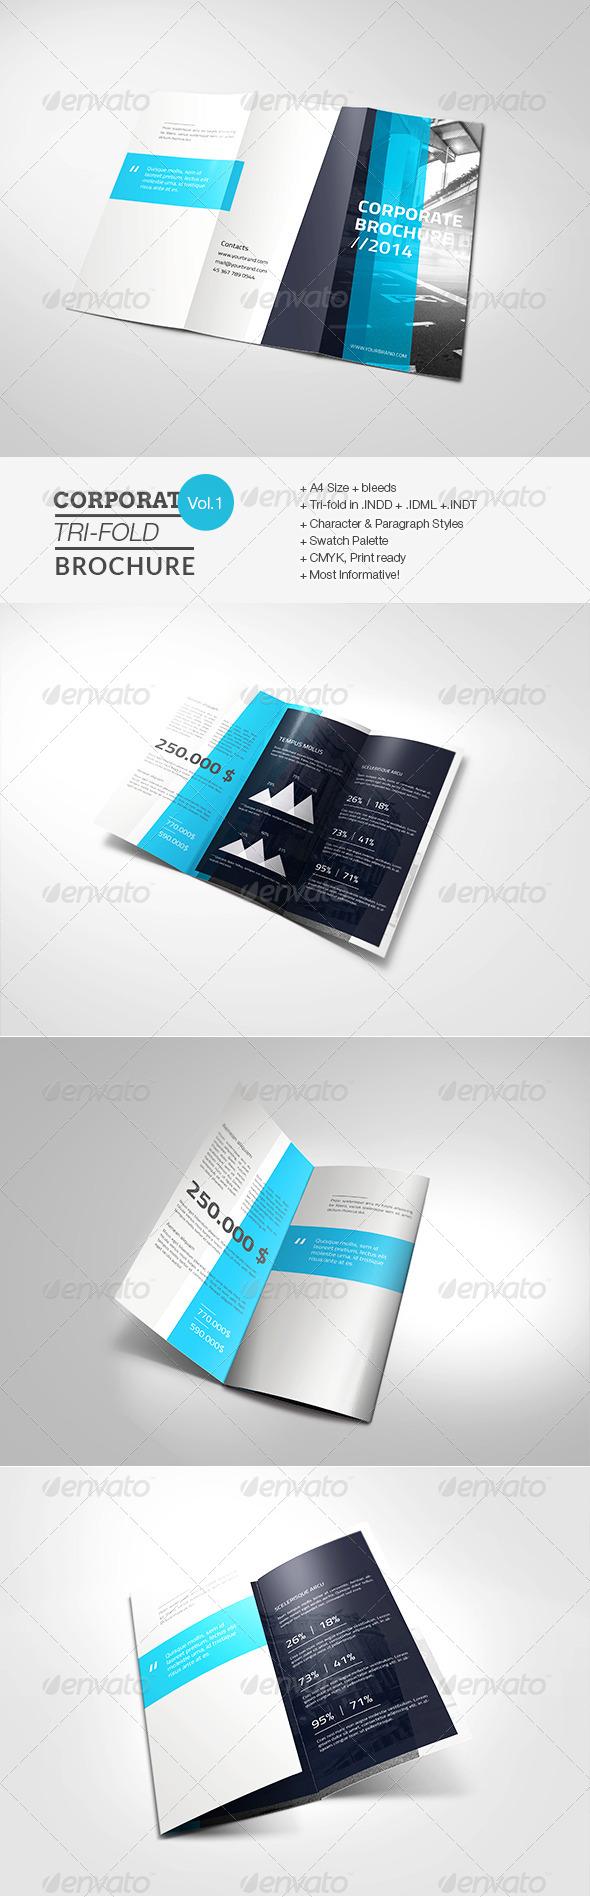 GraphicRiver Corporate Tri-fold Brochure 7748186